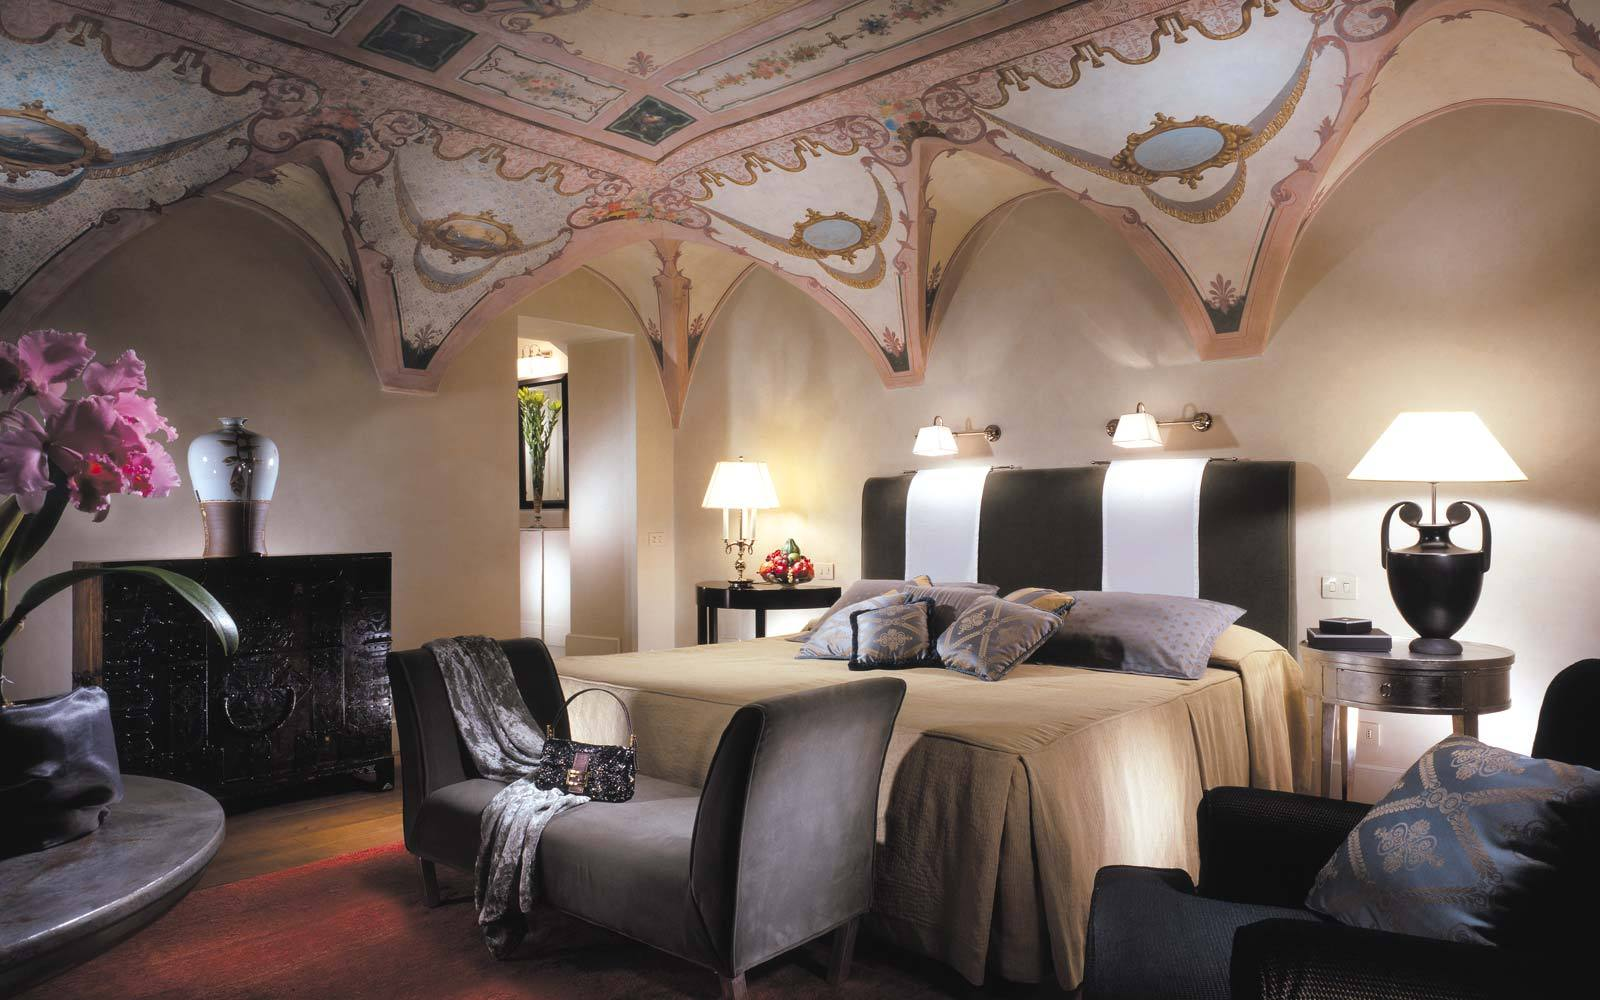 Лучшие отели мира: Grand Hotel de la Minerve - фото №2